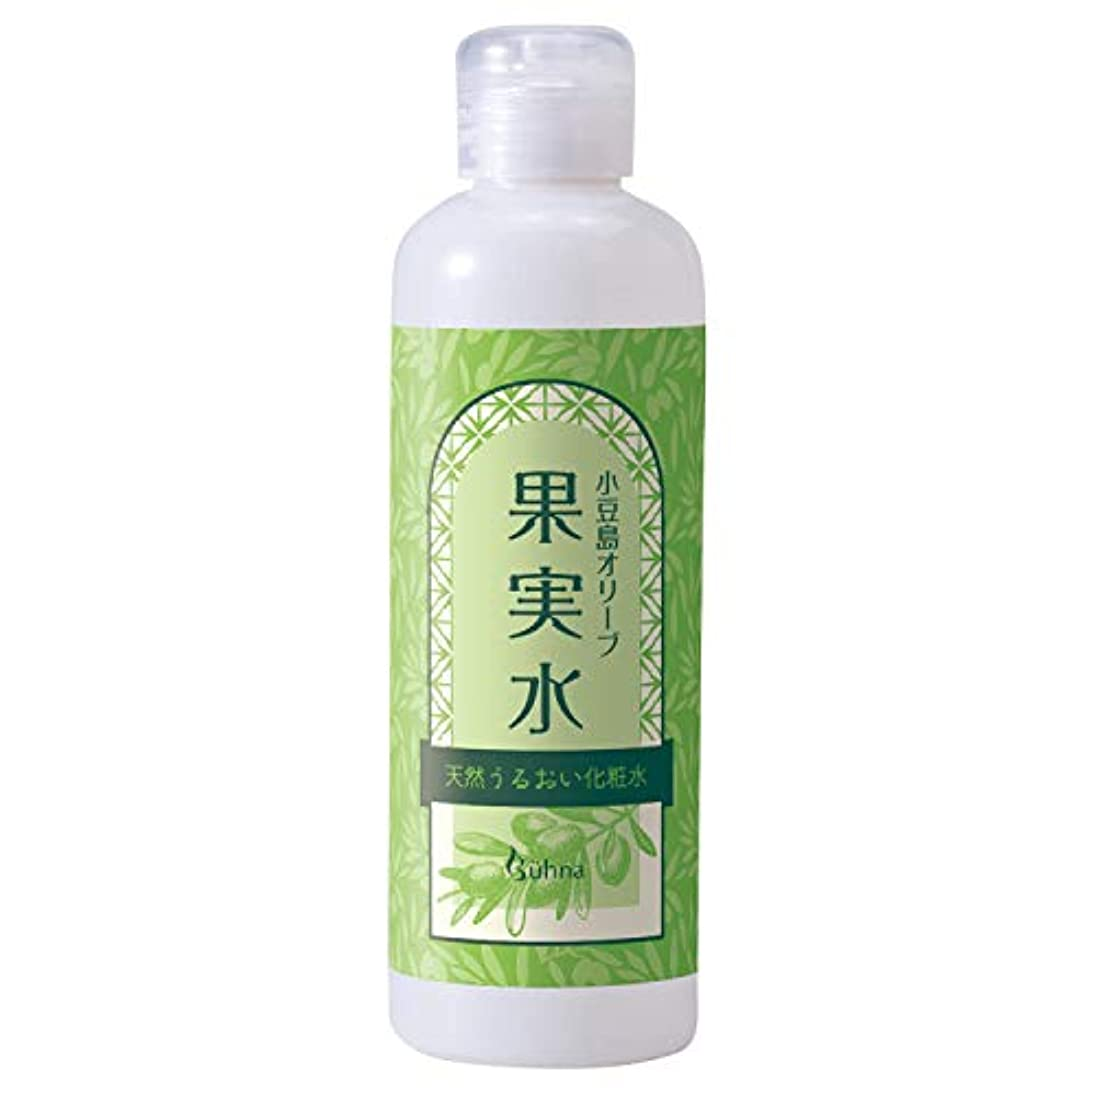 リンスキャンベラ自体ビューナ 小豆島オリーブ果実水 化粧水 保湿 オリーブオイル 無着色 アルコールフリー パラベンフリー 合成香料不使用